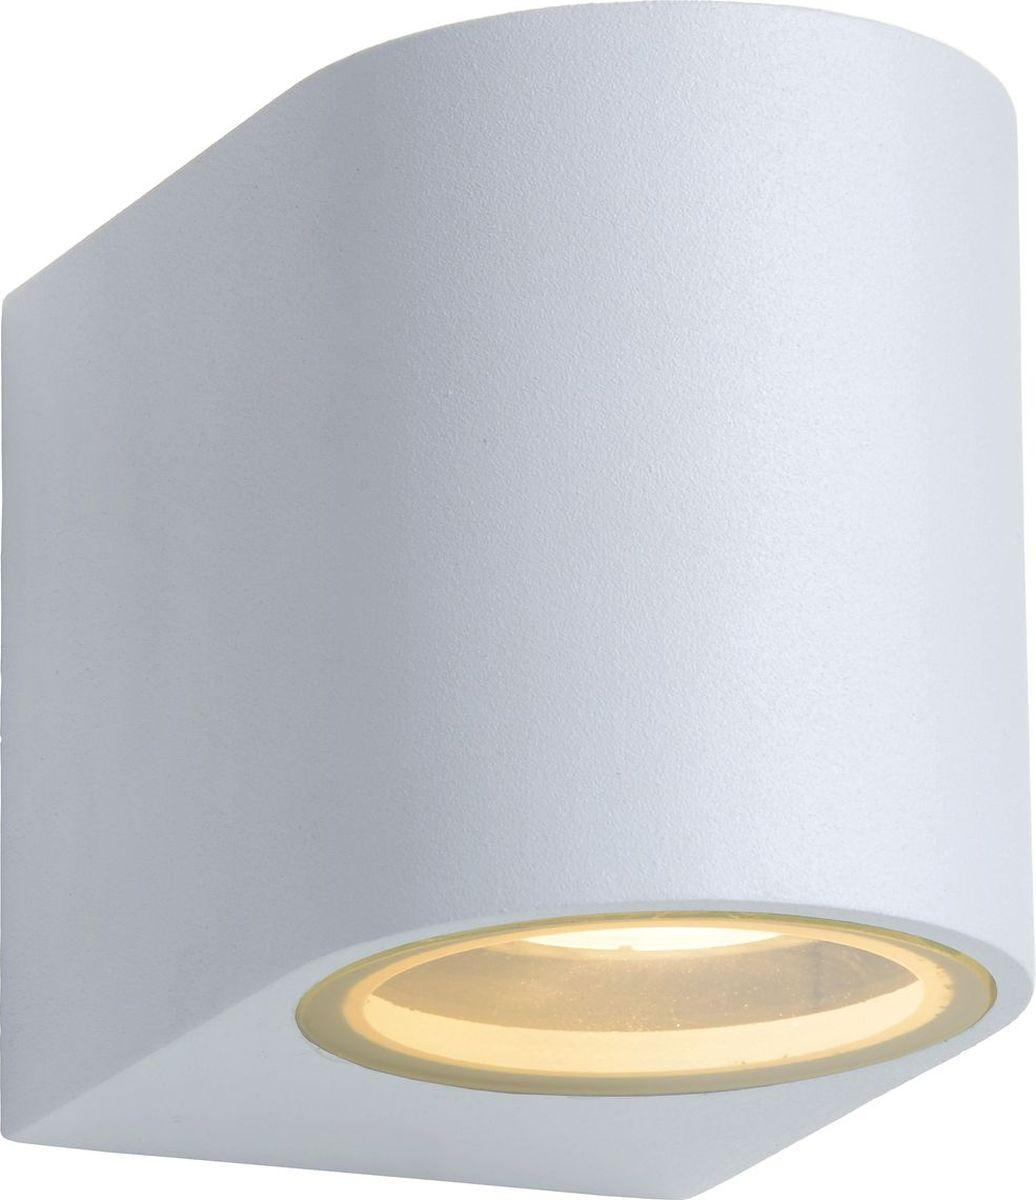 Светильник уличный настенный Lucide Zora Led, цвет: прозрачный, GU10, 5 Вт. 22861/05/3122861/05/31